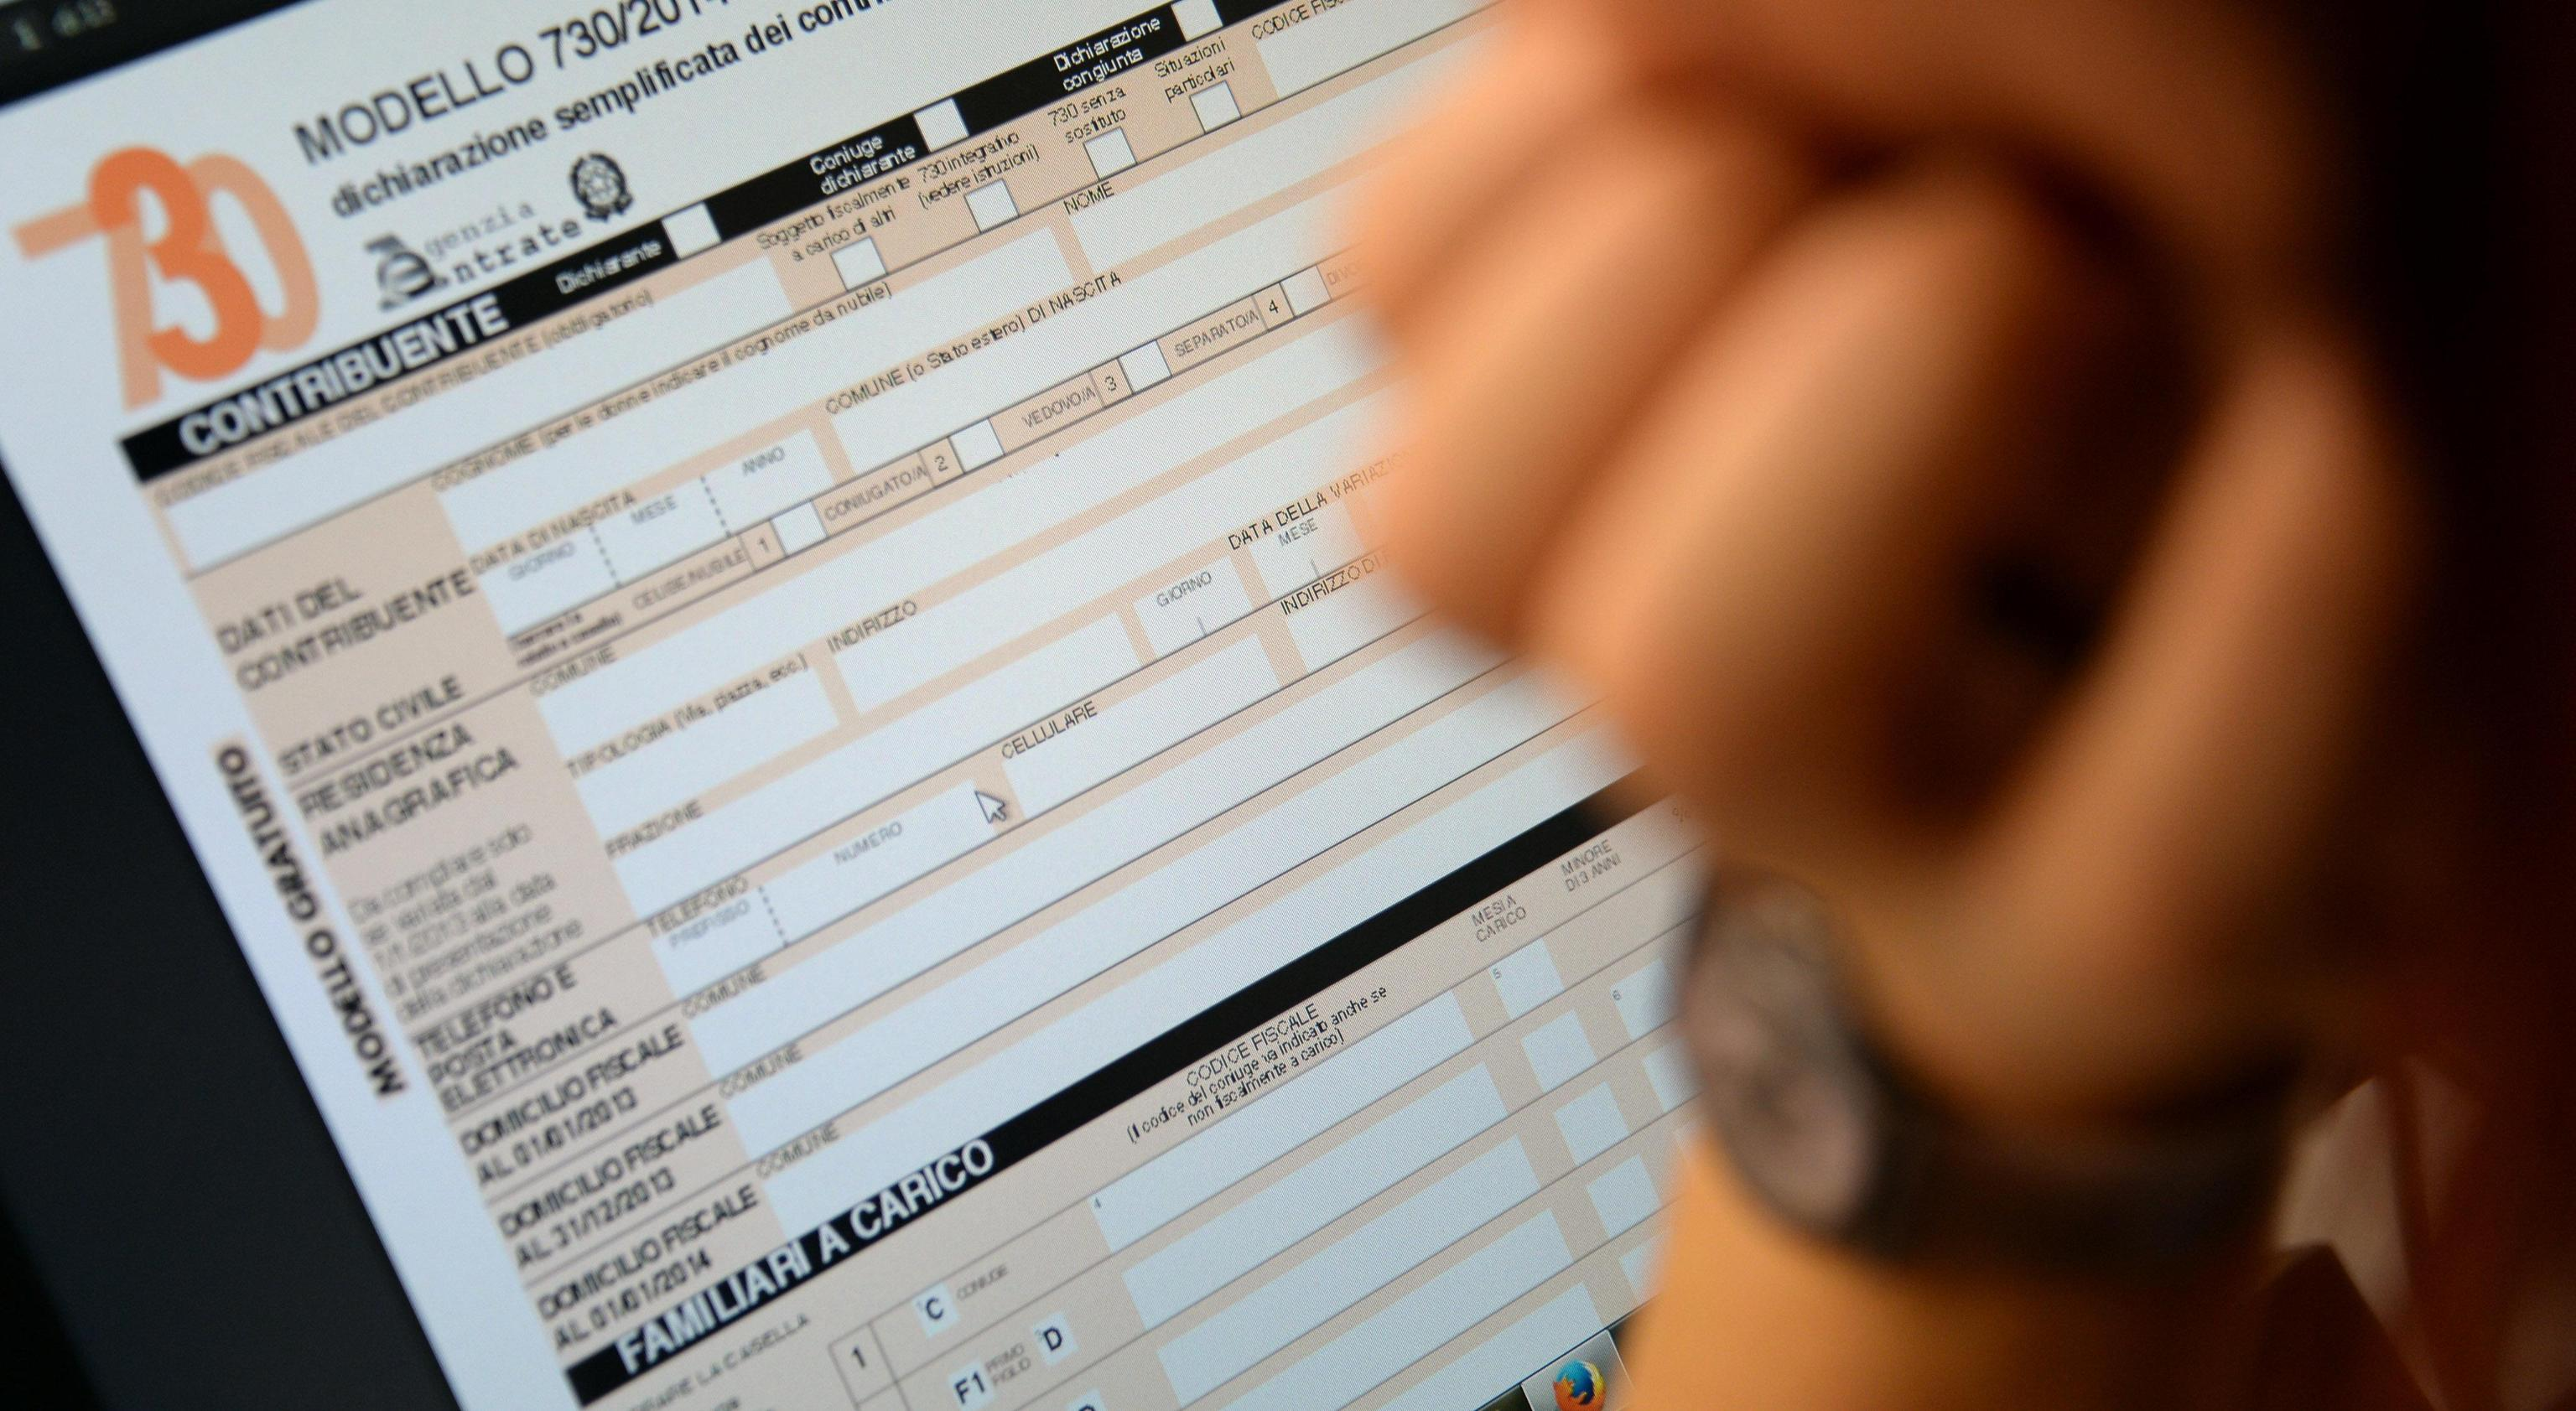 Scadenza modello 730 senza sostituto d'imposta: è il 30 giugno ma c'è tempo entro luglio con maggiorazione